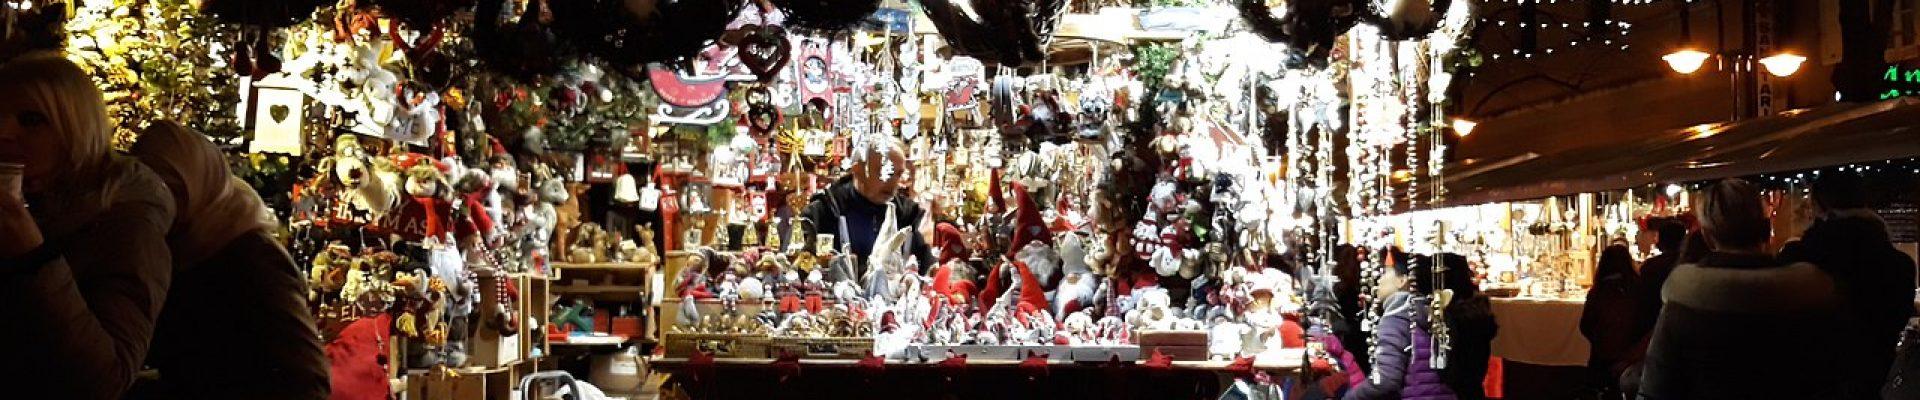 1280px-Trento_-_Mercatini_di_Natale_-_18_Nov.2017_-_Bottega